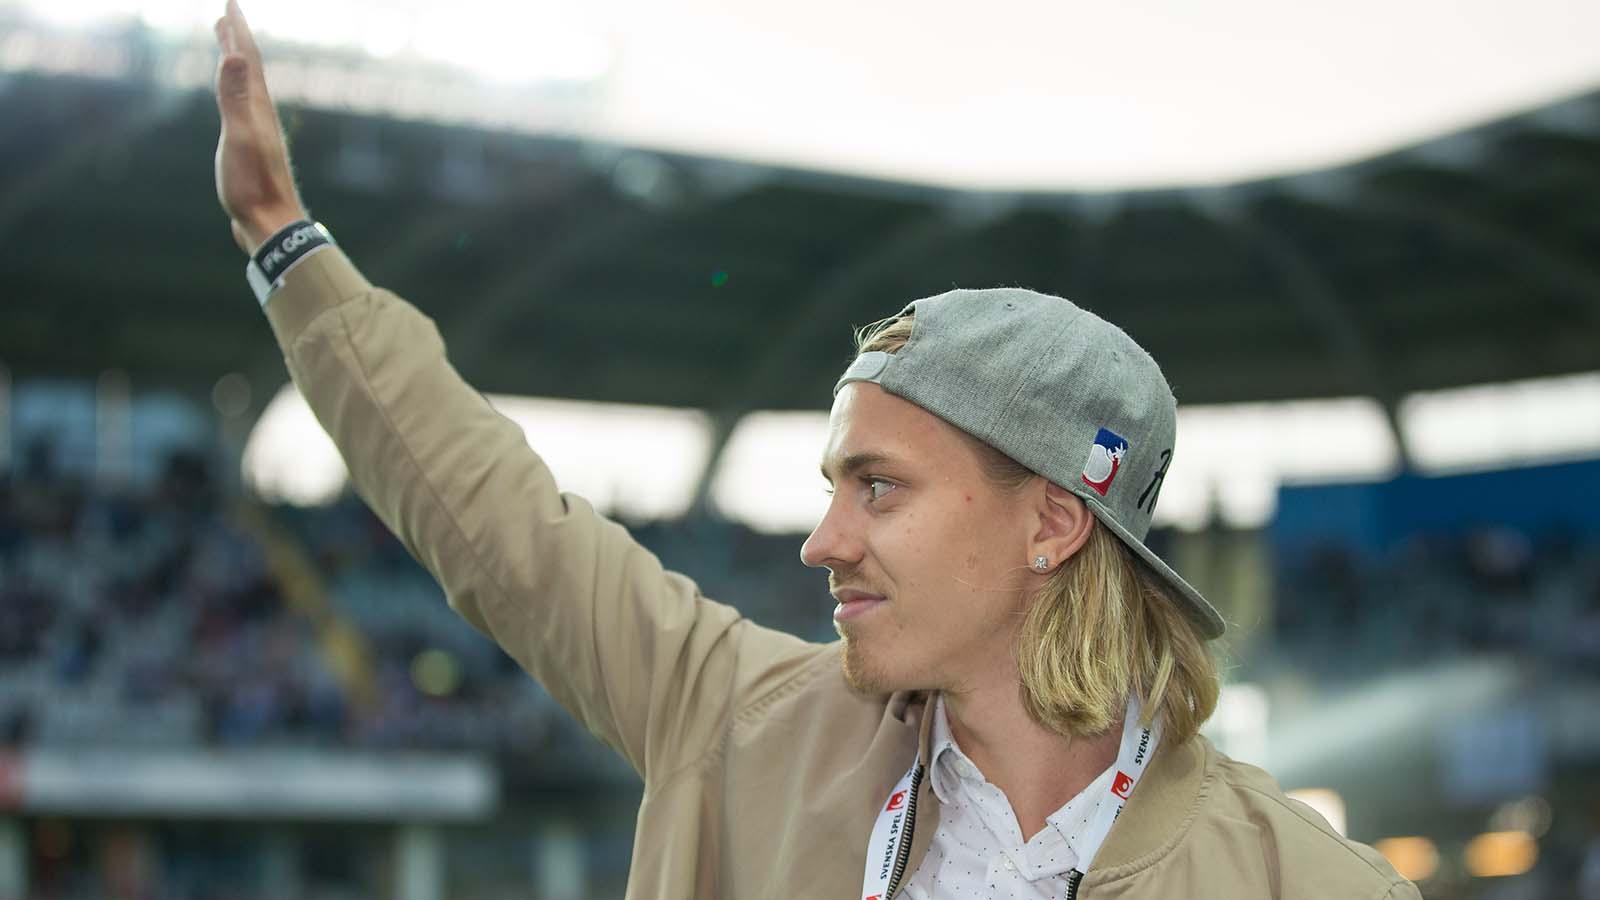 180810 IFK Göteborgs Elias Mar Omarsson avtackas i halvlek av fotbollsmatchen i allsvenskan mellan IFK Göteborg och Sirius den 10 augusti 2018 i Göteborg. Foto: Michael Erichsen / BILDBYRÅN / Cop 89